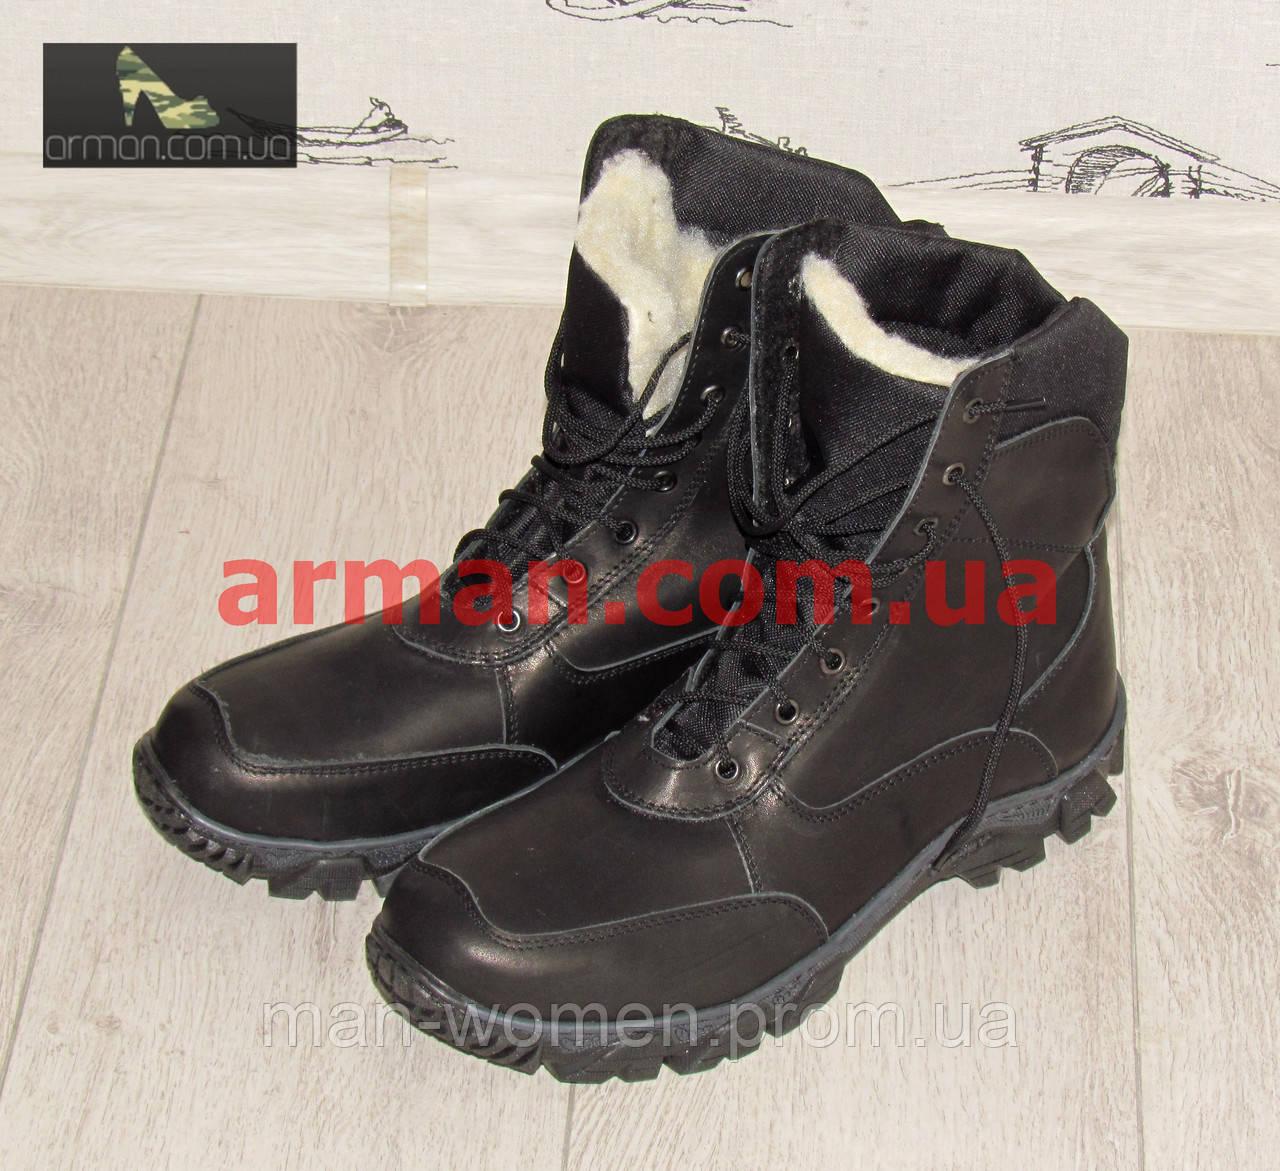 Зимние армейские ботинки, берцы на меху! Размеры 40-45.